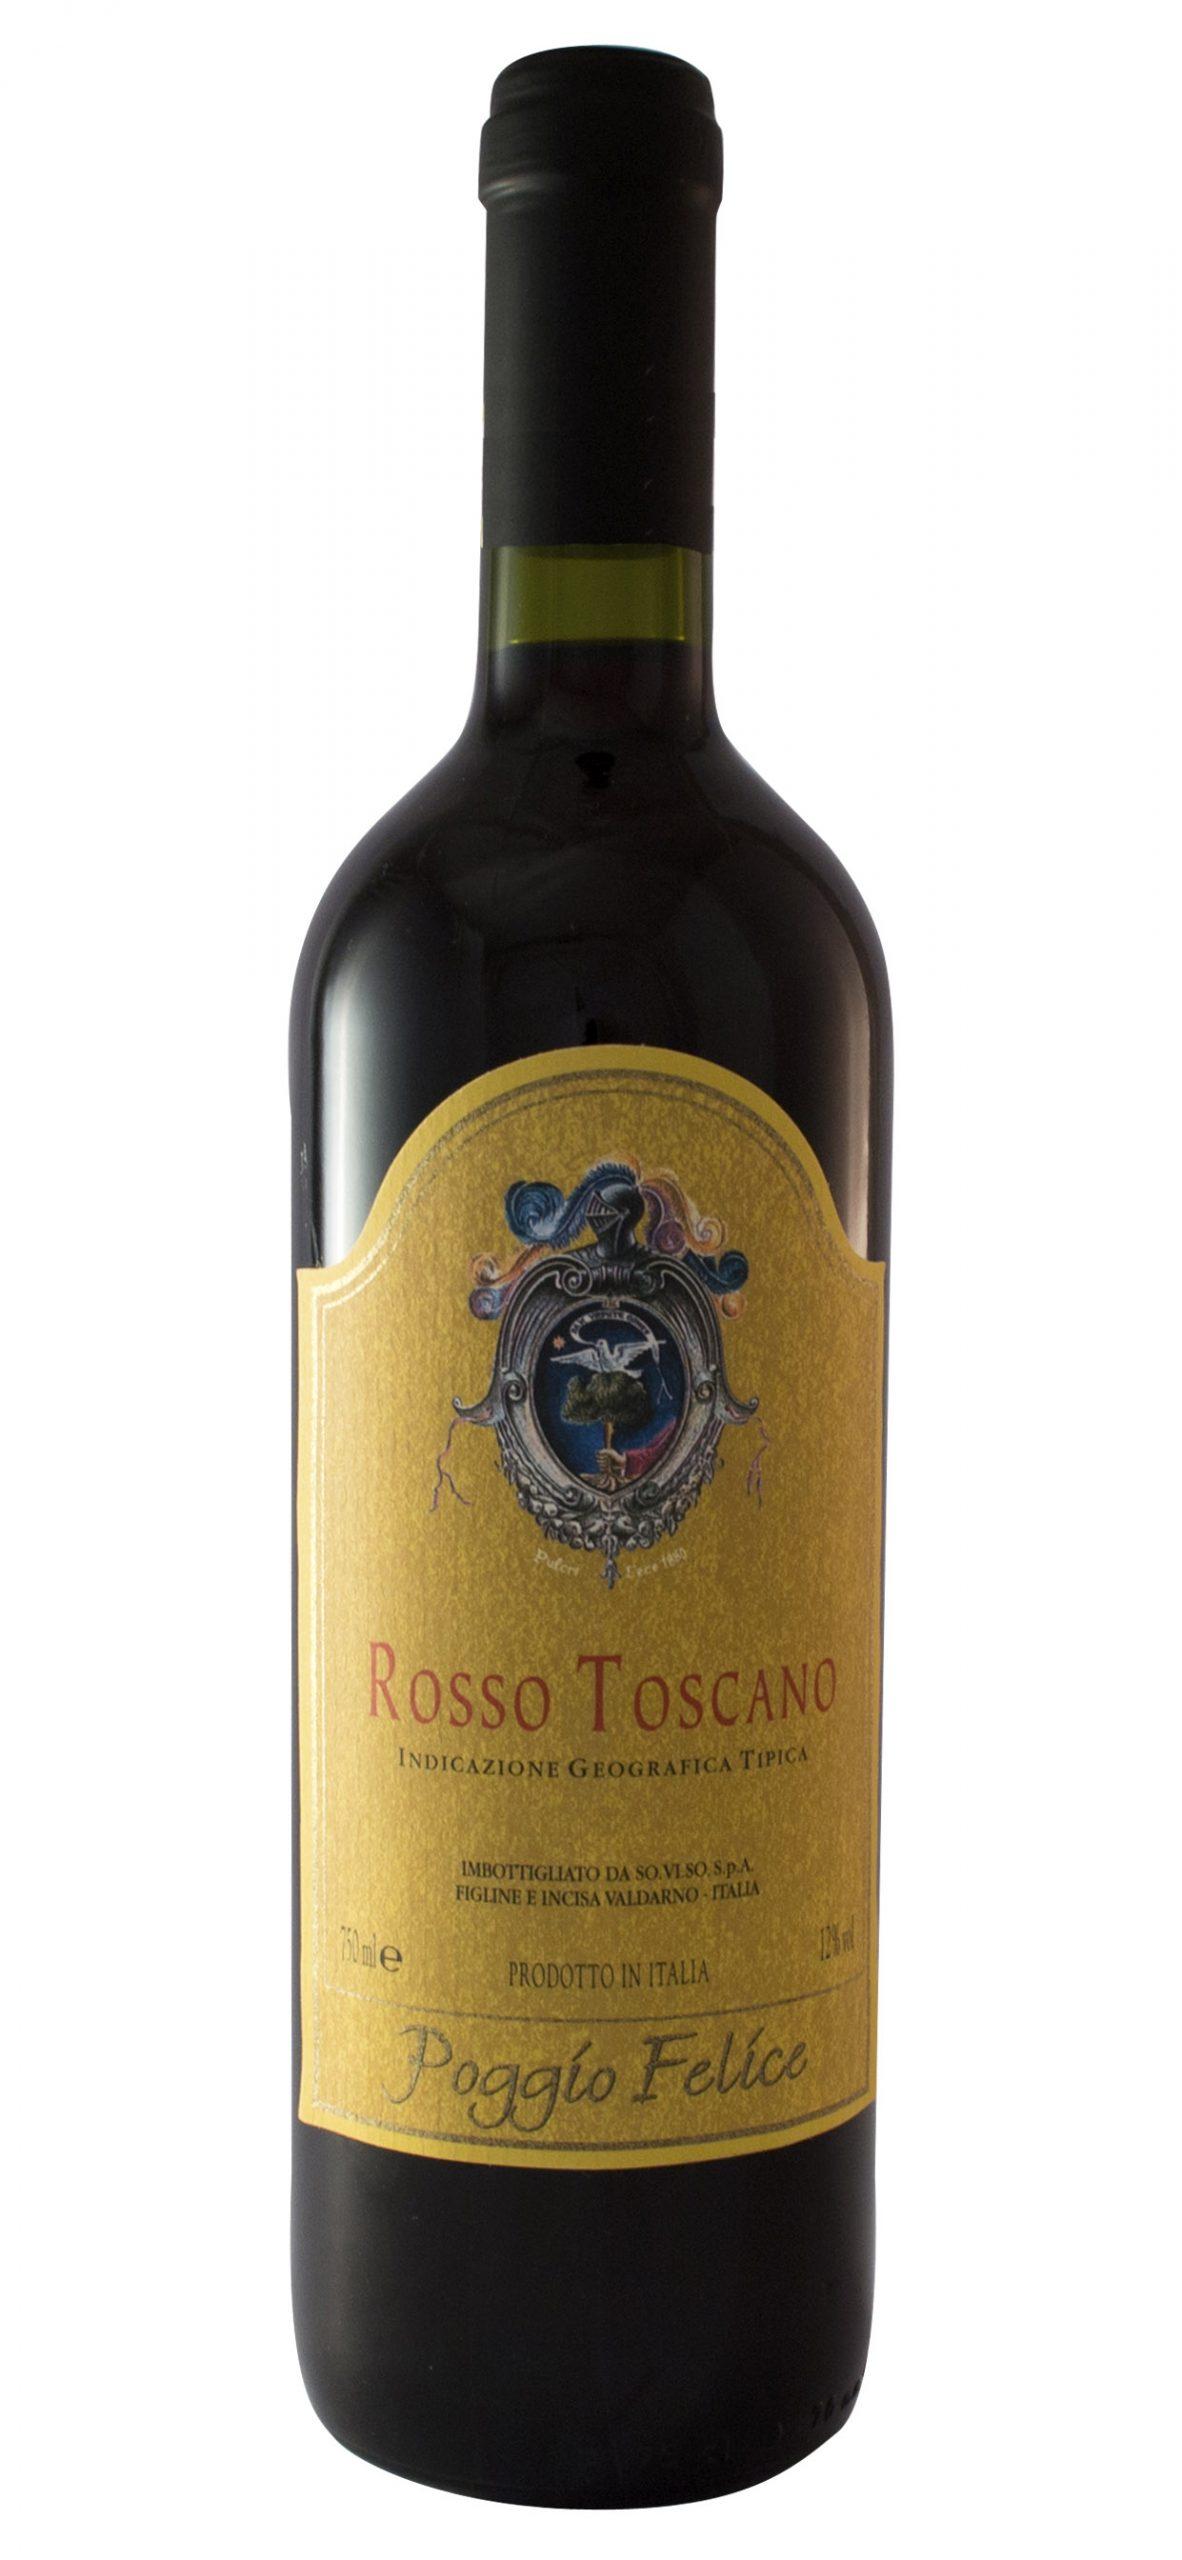 TOSCANO ROSSO IGT POGGIO FELICE